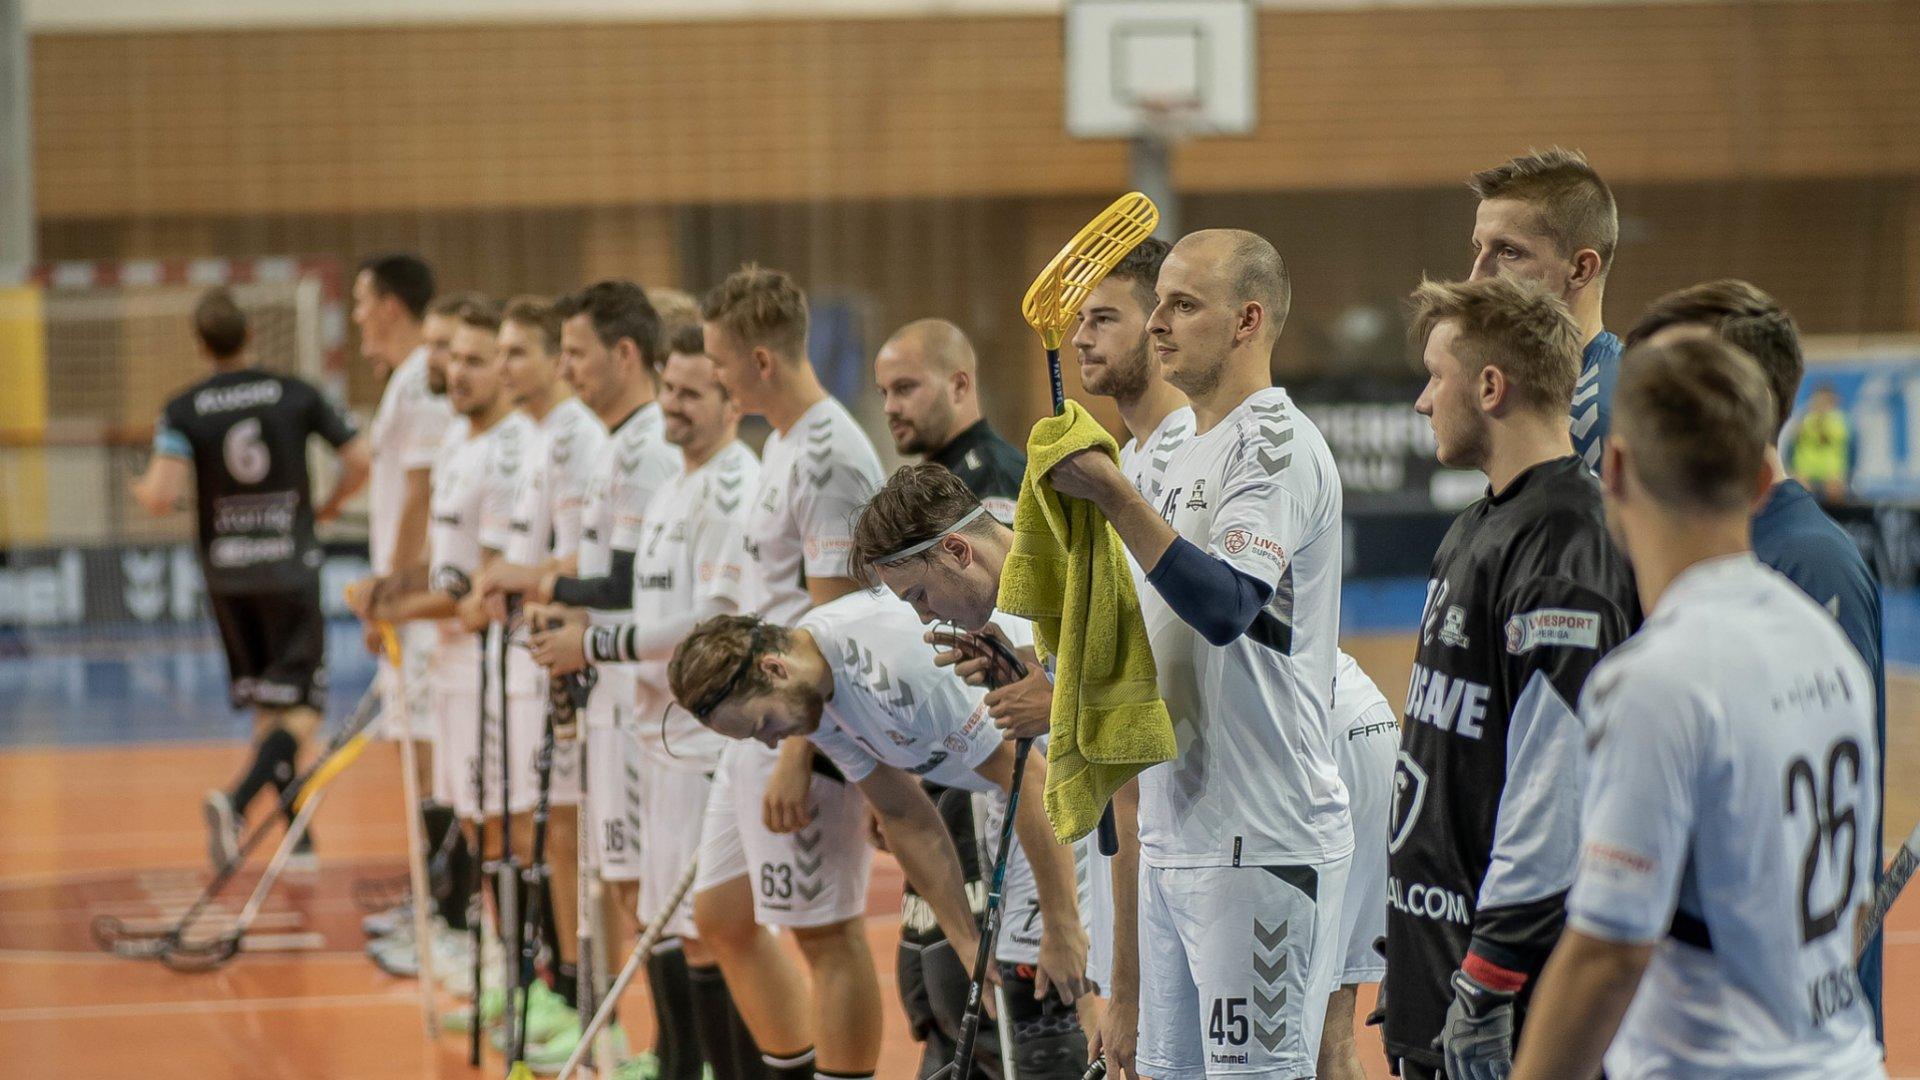 Laďte televizi: večer se vysílá zápas s Pardubicemi